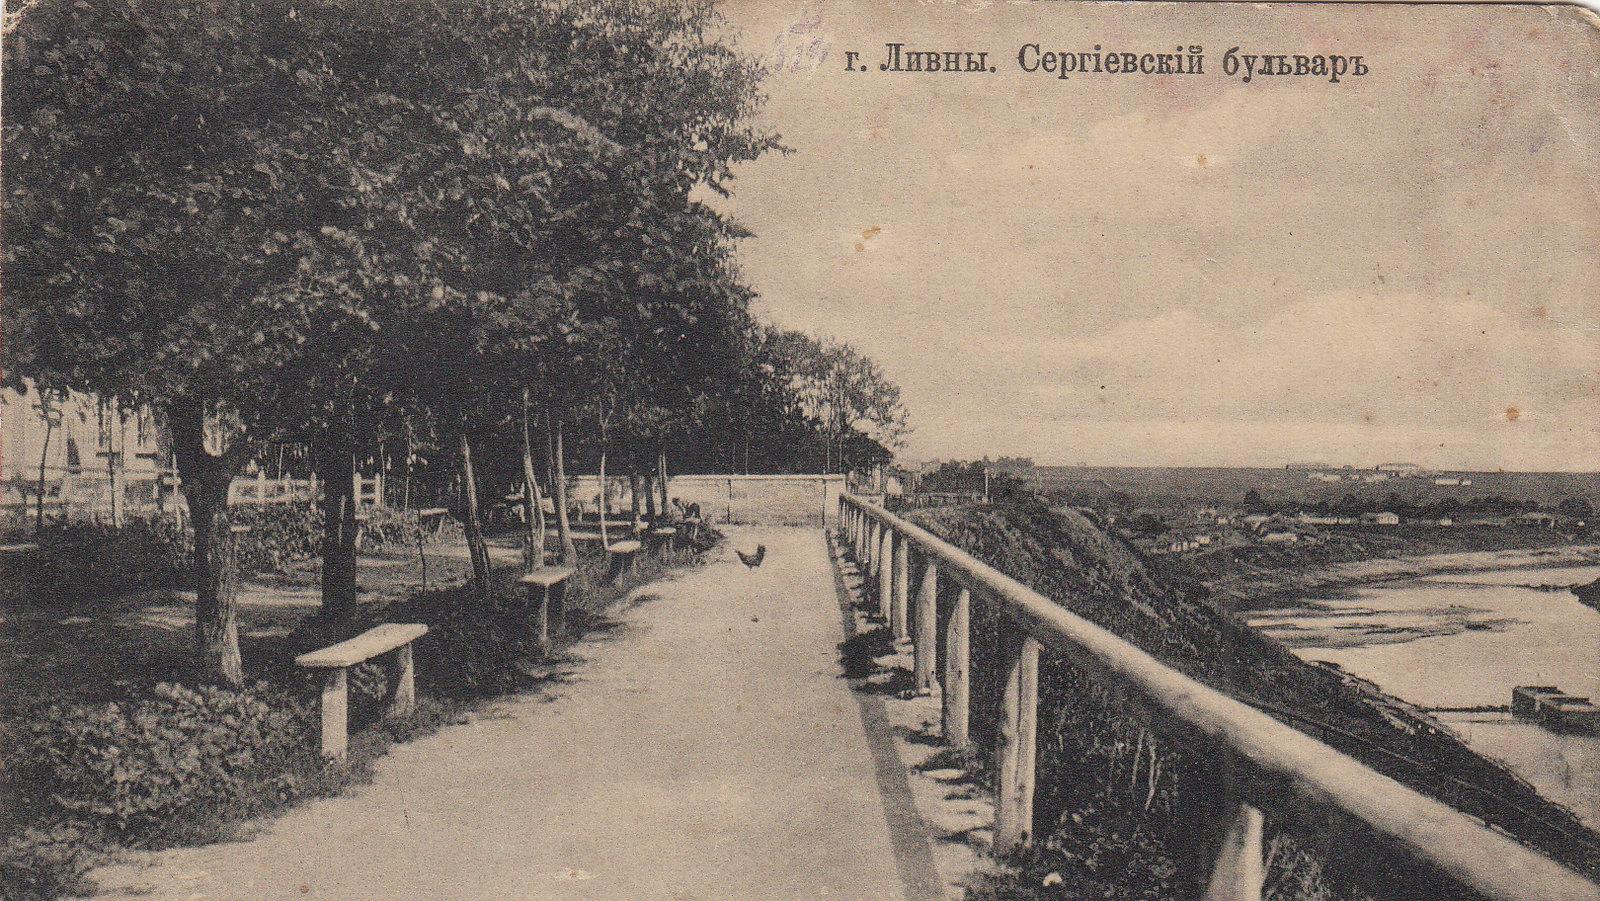 Сергиевский бульвар